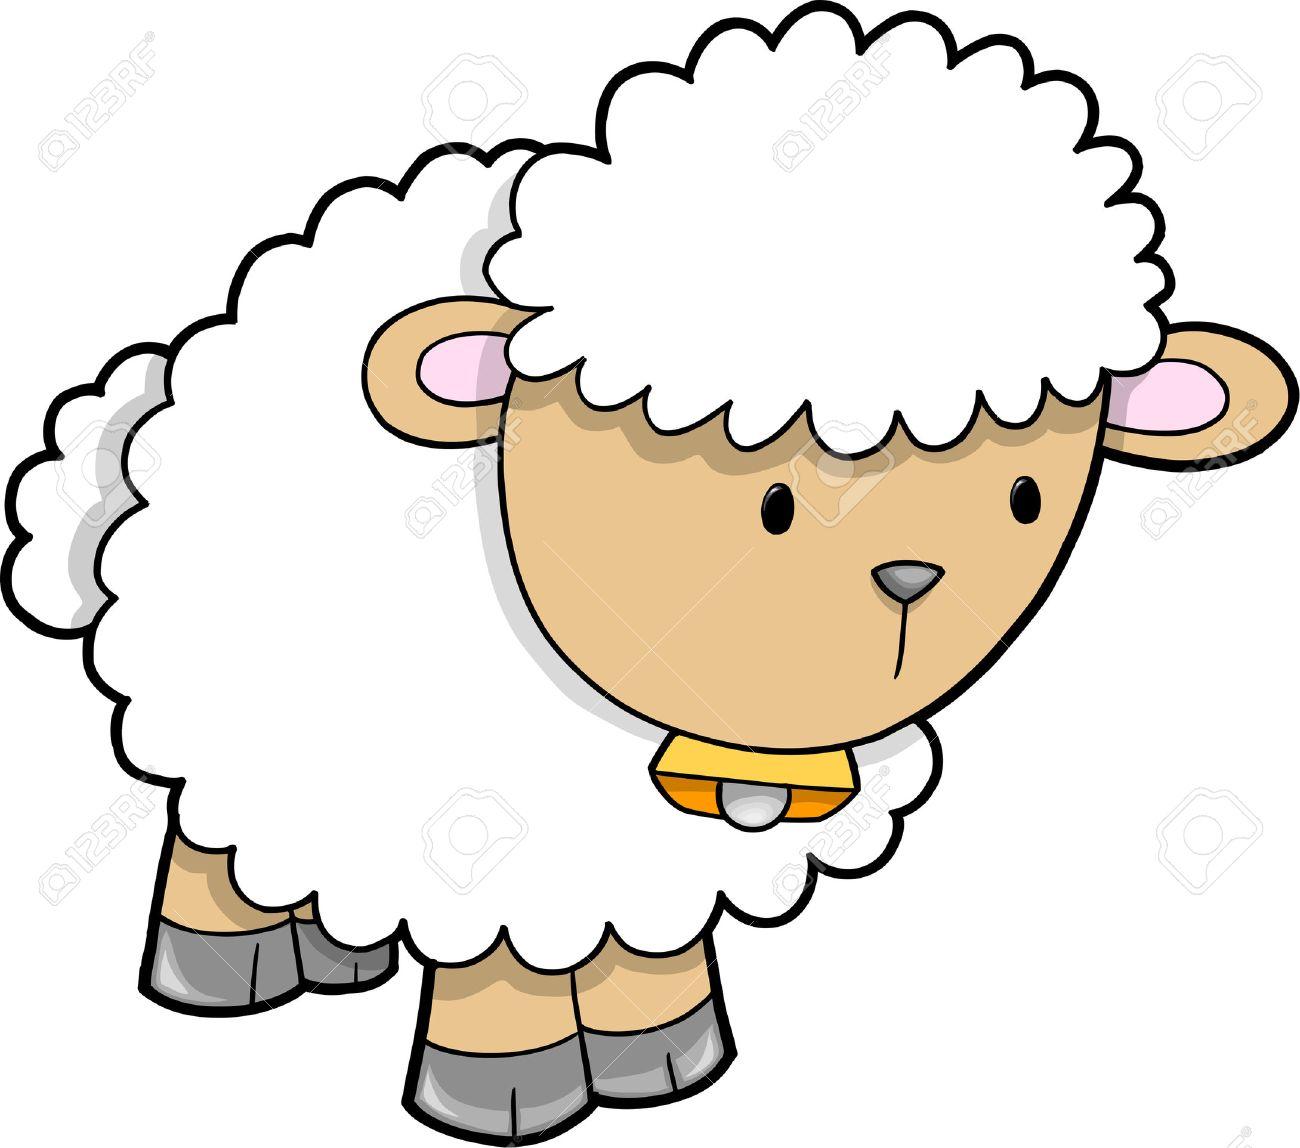 cute sheep vector illustration royalty free cliparts vectors and rh 123rf com sheep vector png sheep vector line